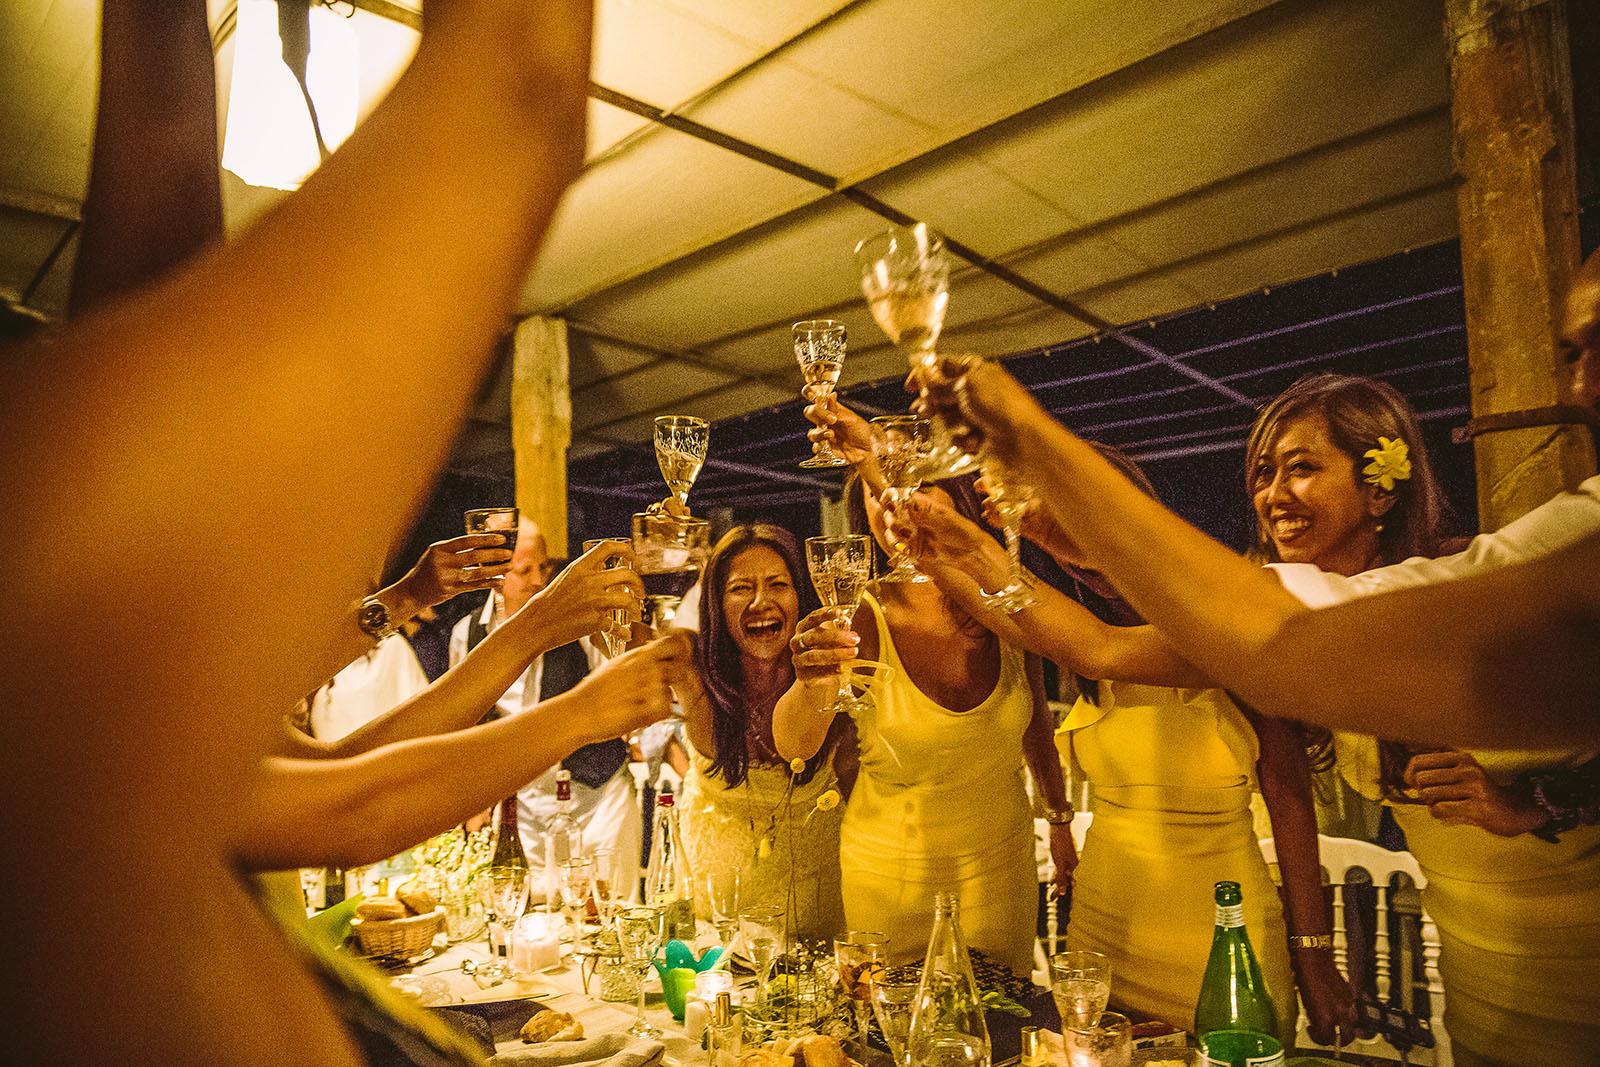 Mariage Mas de La Rouquette. David Pommier photographe de mariage. Les femmes boivent le champagne